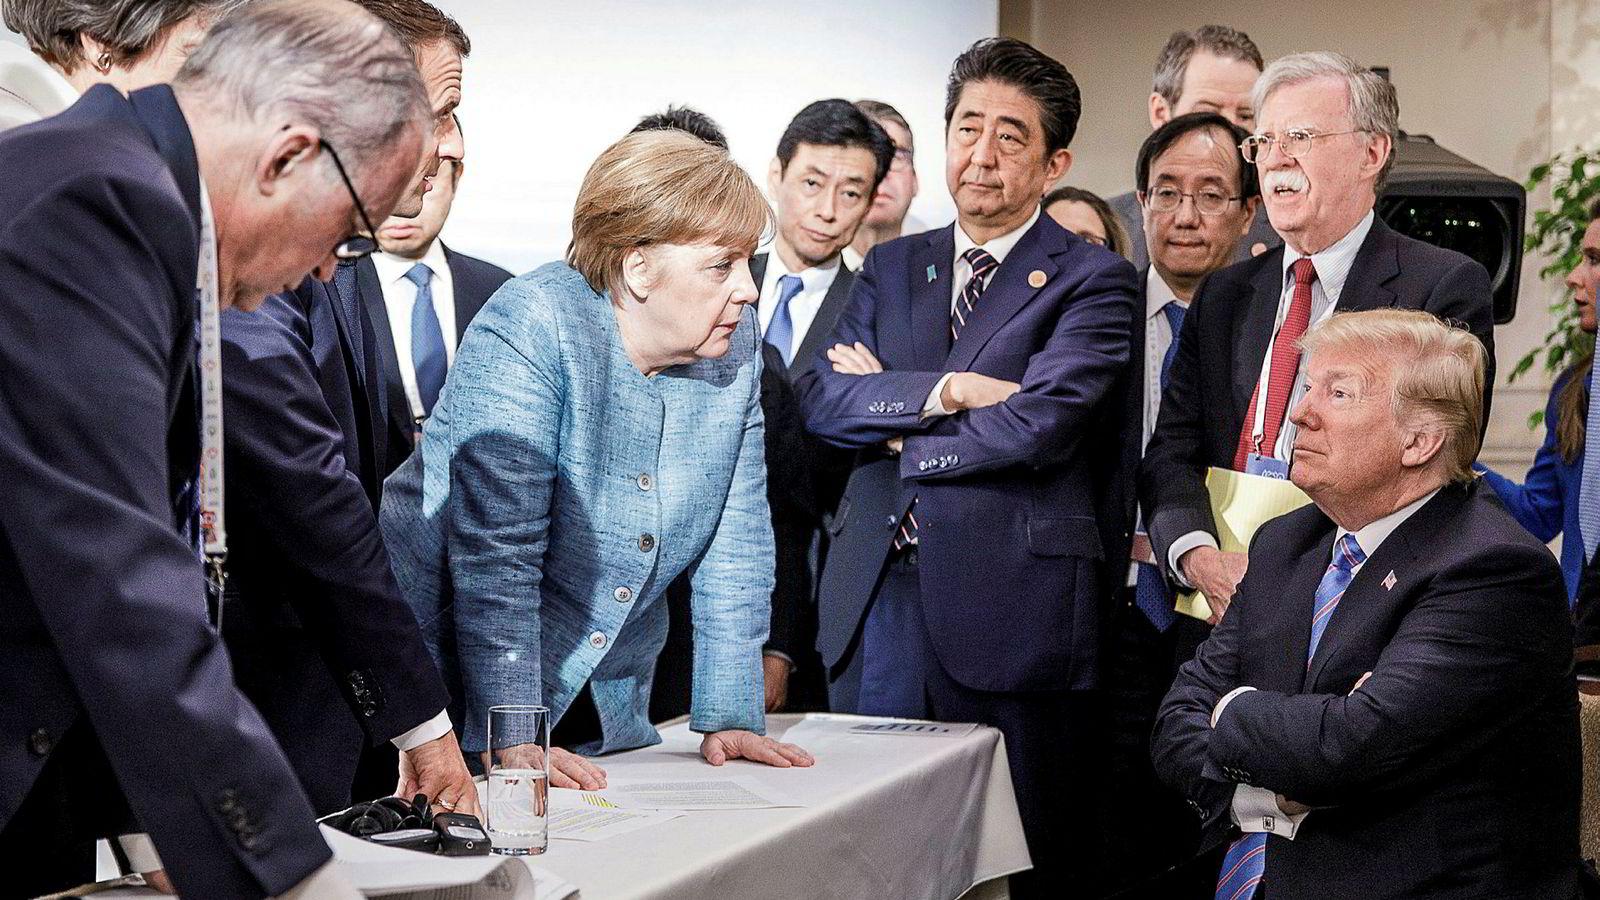 Forbundskansler Angela Merkel vant ikke gehør hos USAs president Donald Trump på G7-toppmøtet i Canada.